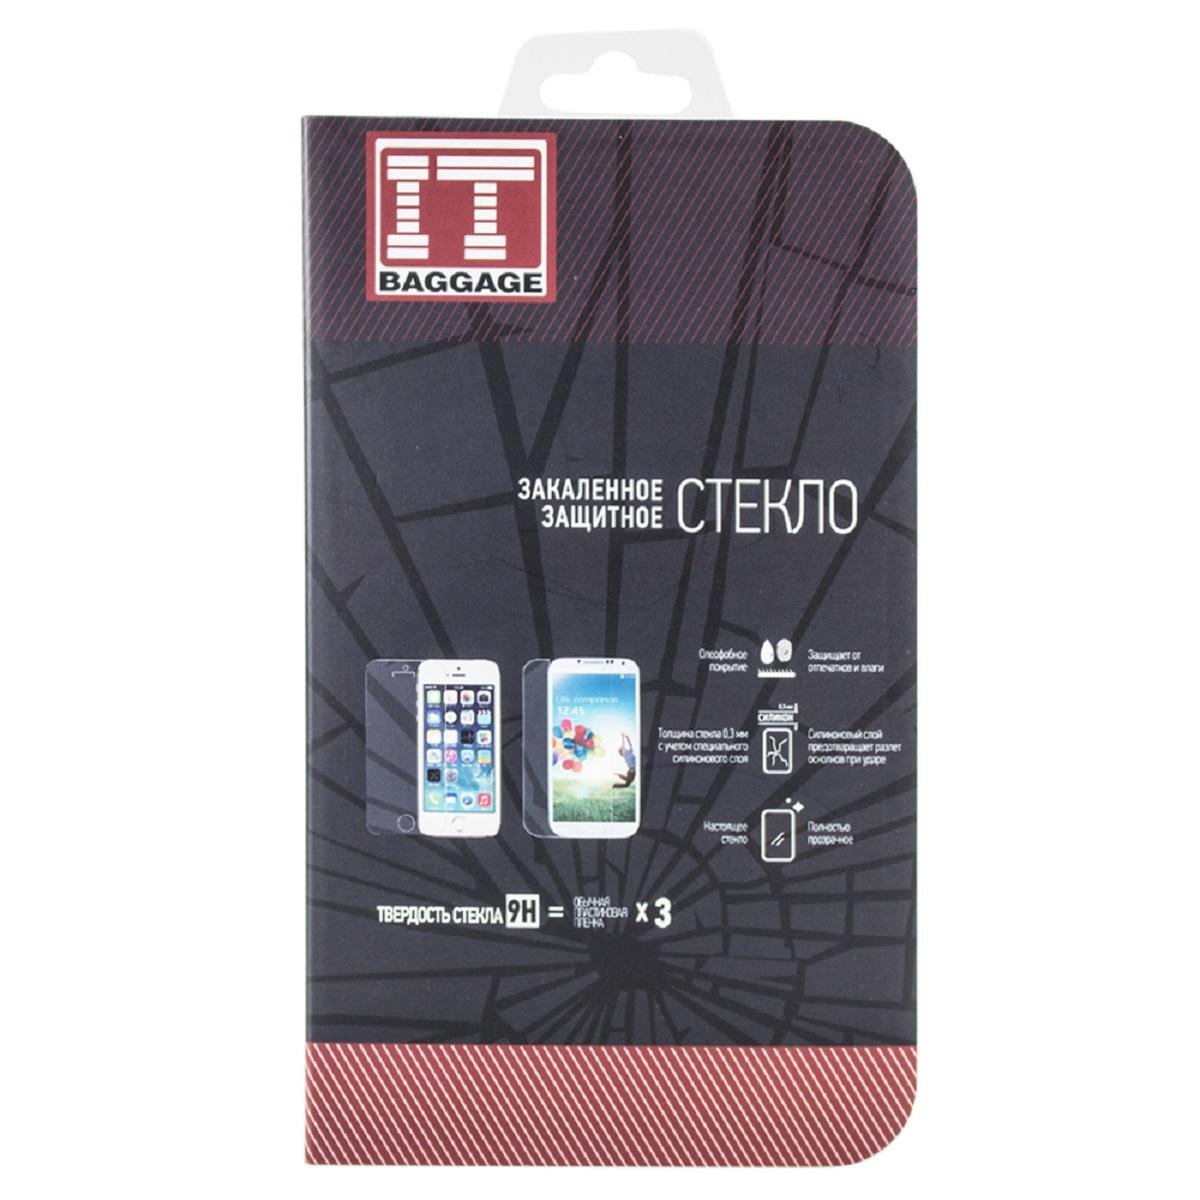 IT Baggage защитное стекло для Meizu M2 miniITMZM2MIGЗакаленное стекло IT Baggage для Meizu M2 mini - это самый верный способ защитить экран от повреждений и загрязнений. Обладает высочайшим уровнем прозрачности и совершенно не влияет на отклик экранного сенсора и качество изображения. Препятствует появлению отпечатков и пятен. Удалить следы жира и косметики с поверхности аксессуара не составить ни какого труда. Характеристики защитного стекла делают его износостойким к таким механическим повреждениям, как царапины, сколы, потертости. При сильном ударе разбившееся стекло не разлетается на осколки, предохраняя вас от порезов, а экран устройства от повреждений. После снятия защитного стекла с поверхности дисплея, на нем не остаются повреждения, такие как потертости и царапины.